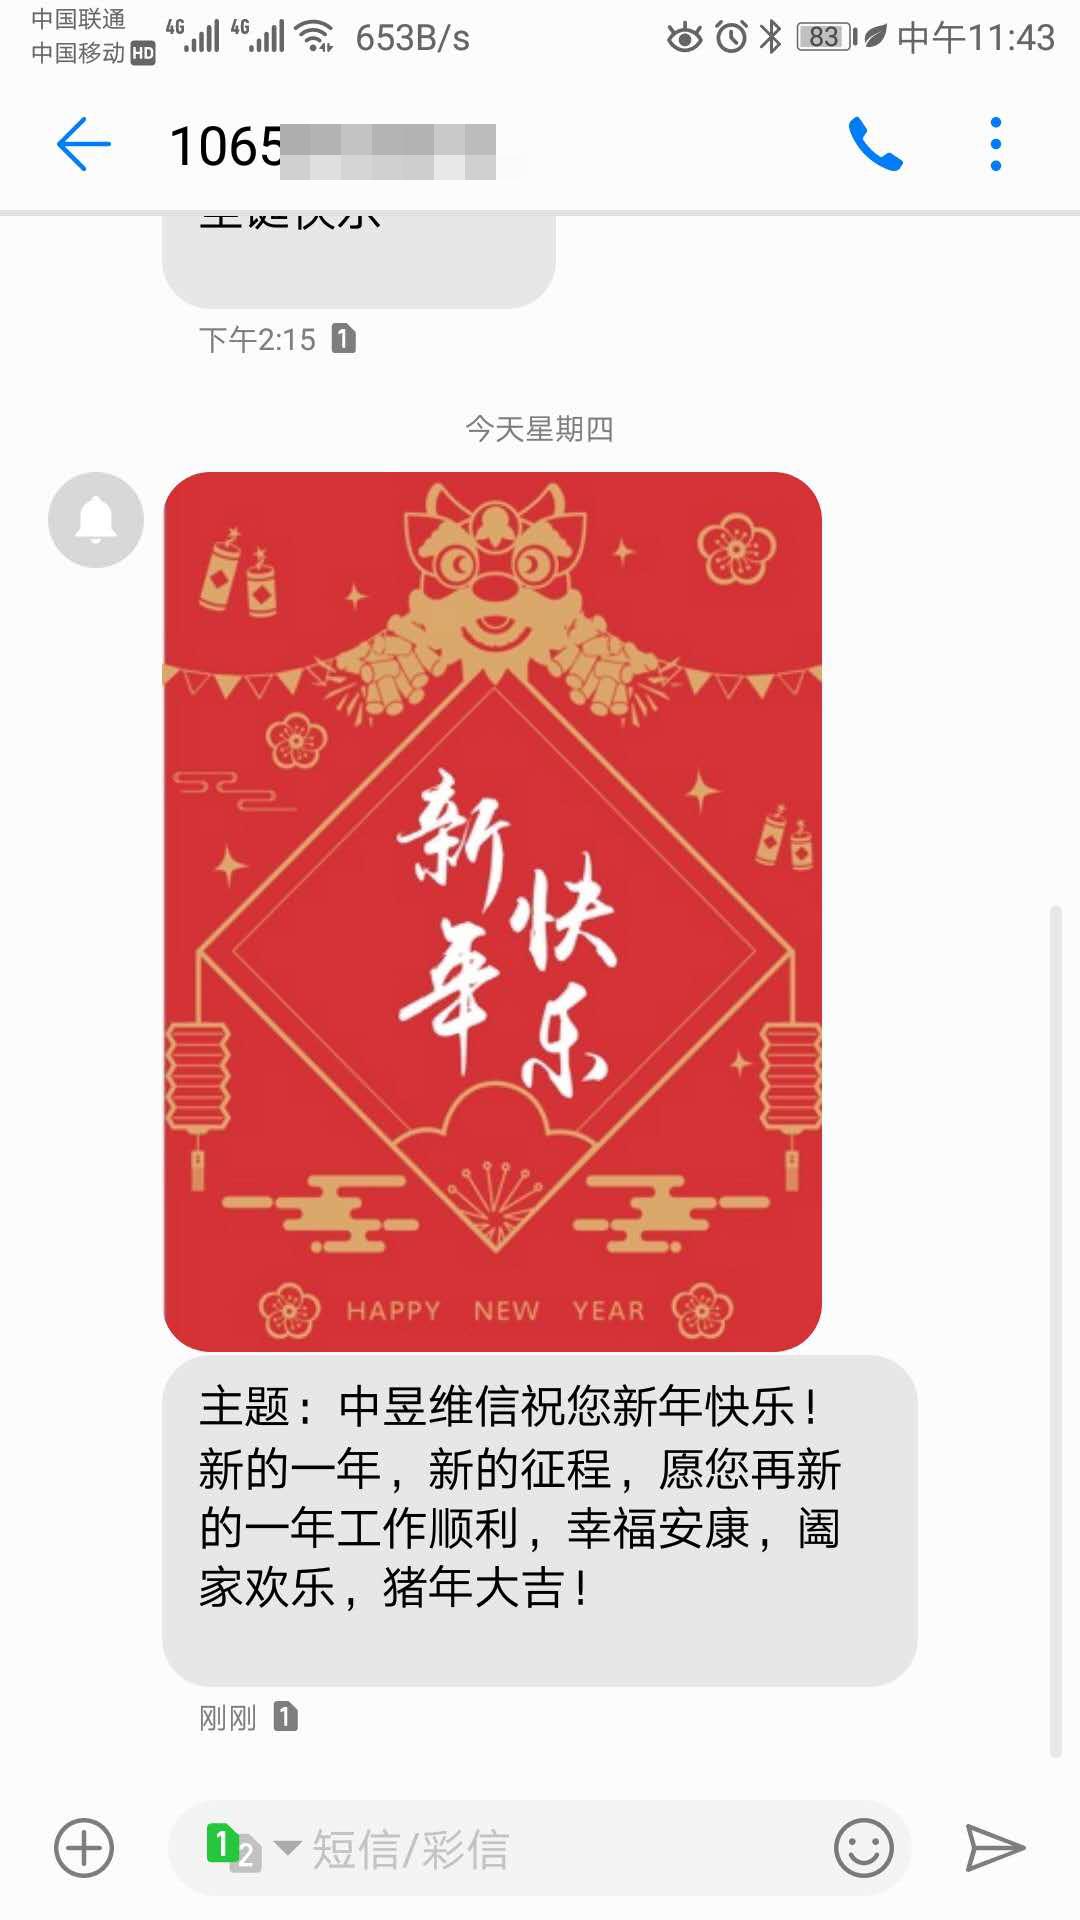 节日祝福彩信案例.jpg